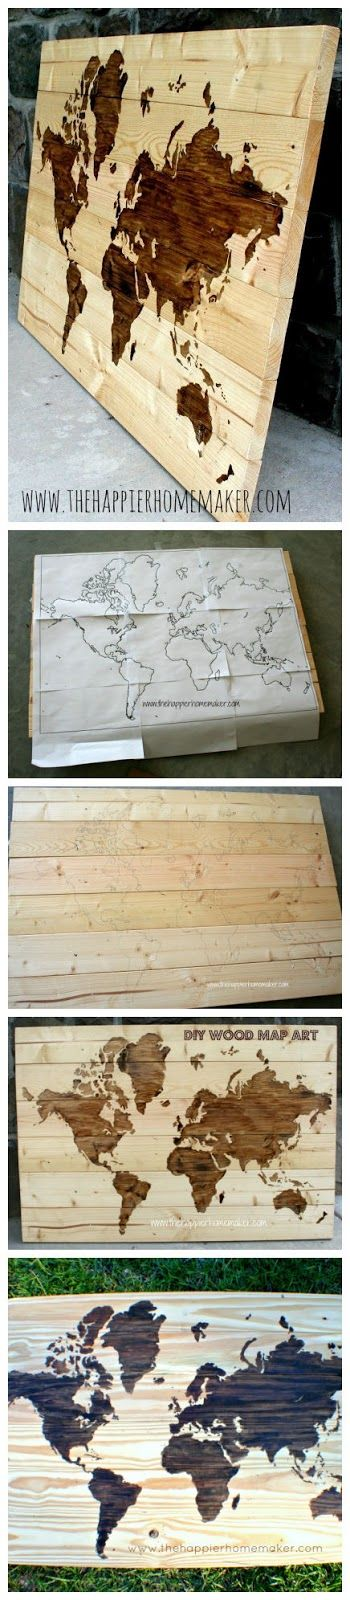 Holztafel mit weltkarte